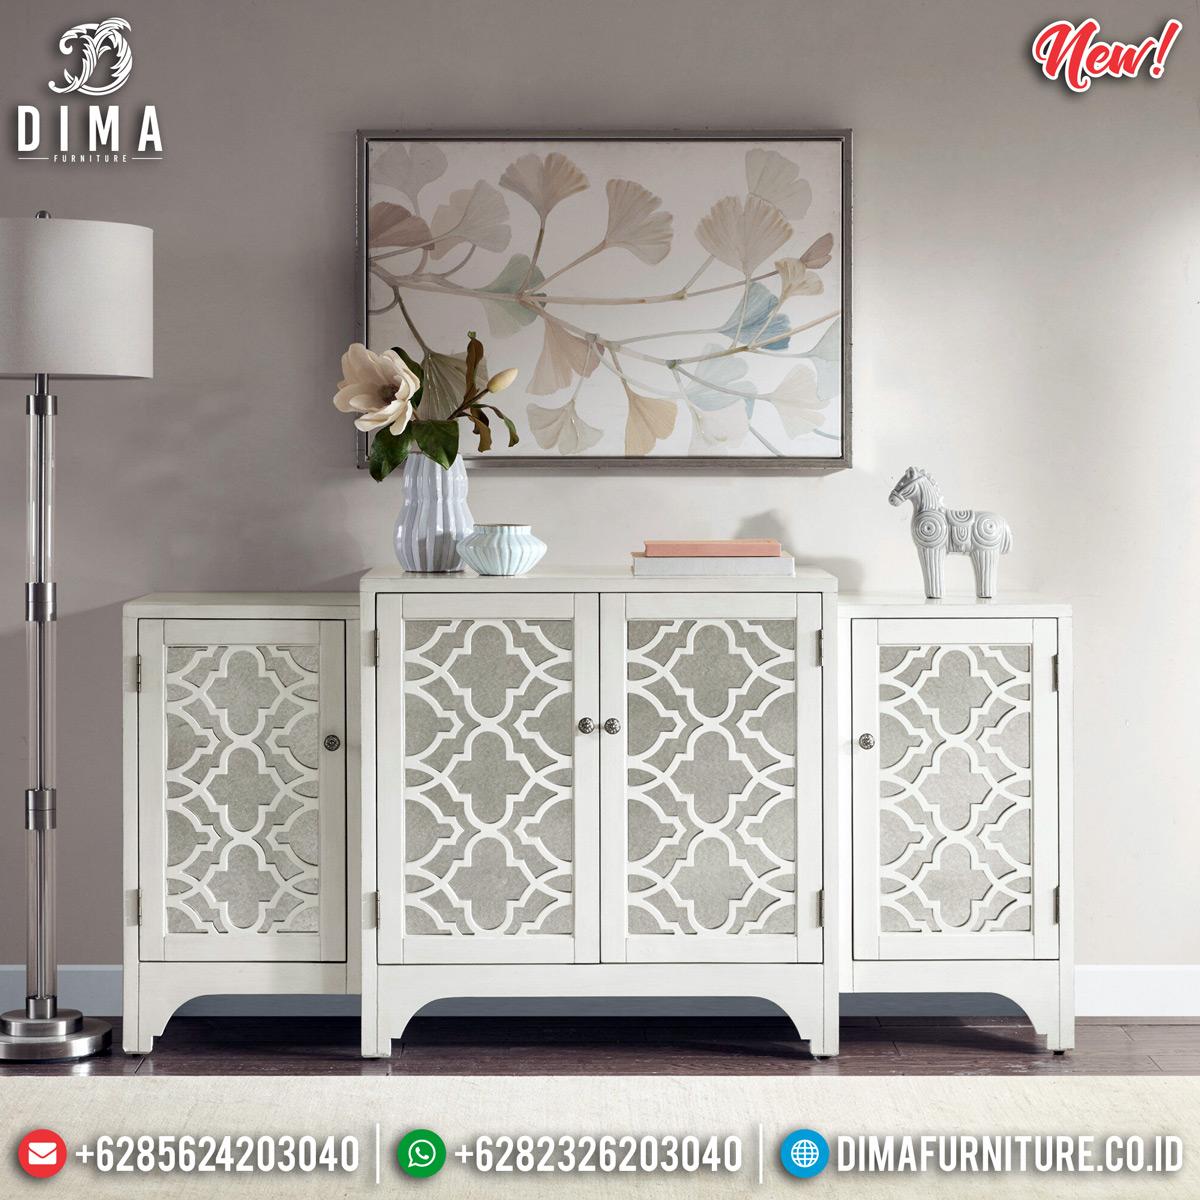 Harga Meja Konsul Minimalis Jepara New Normal Edition Furniture Jepara BT-0720